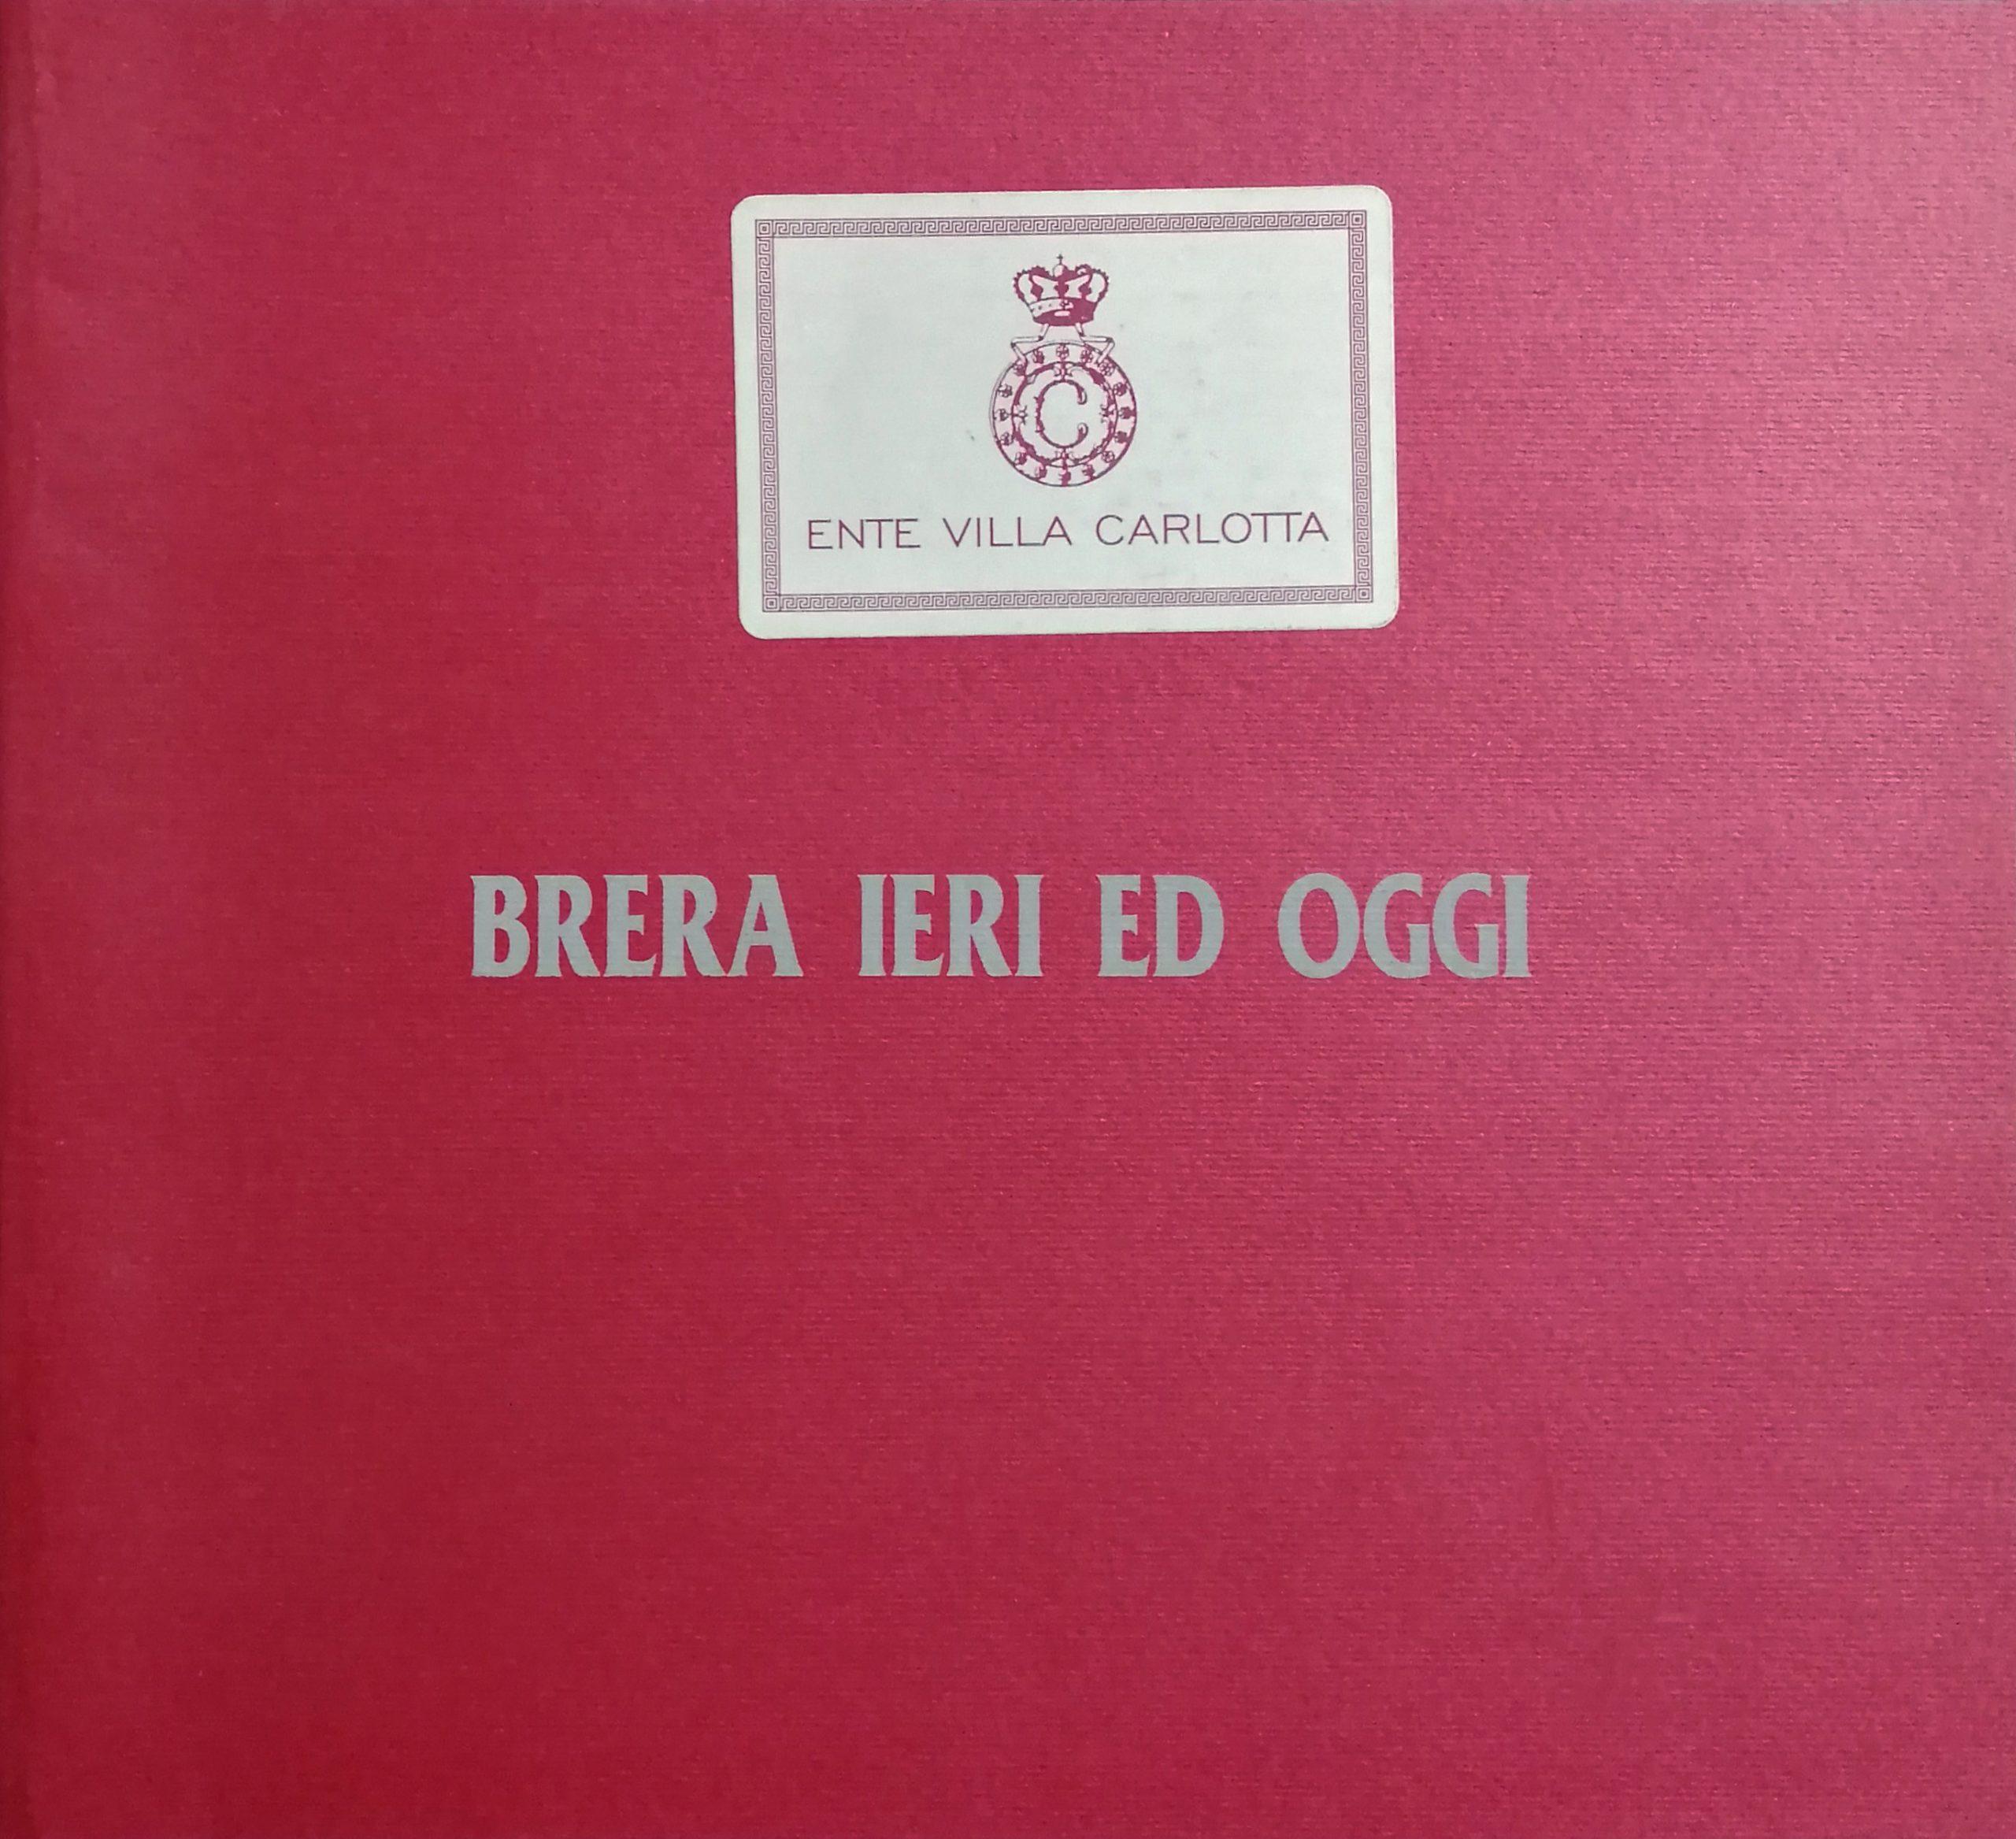 1996 Brera ieri e oggi Villa Carlotta Como scaled - Bibliography/ Catalogues